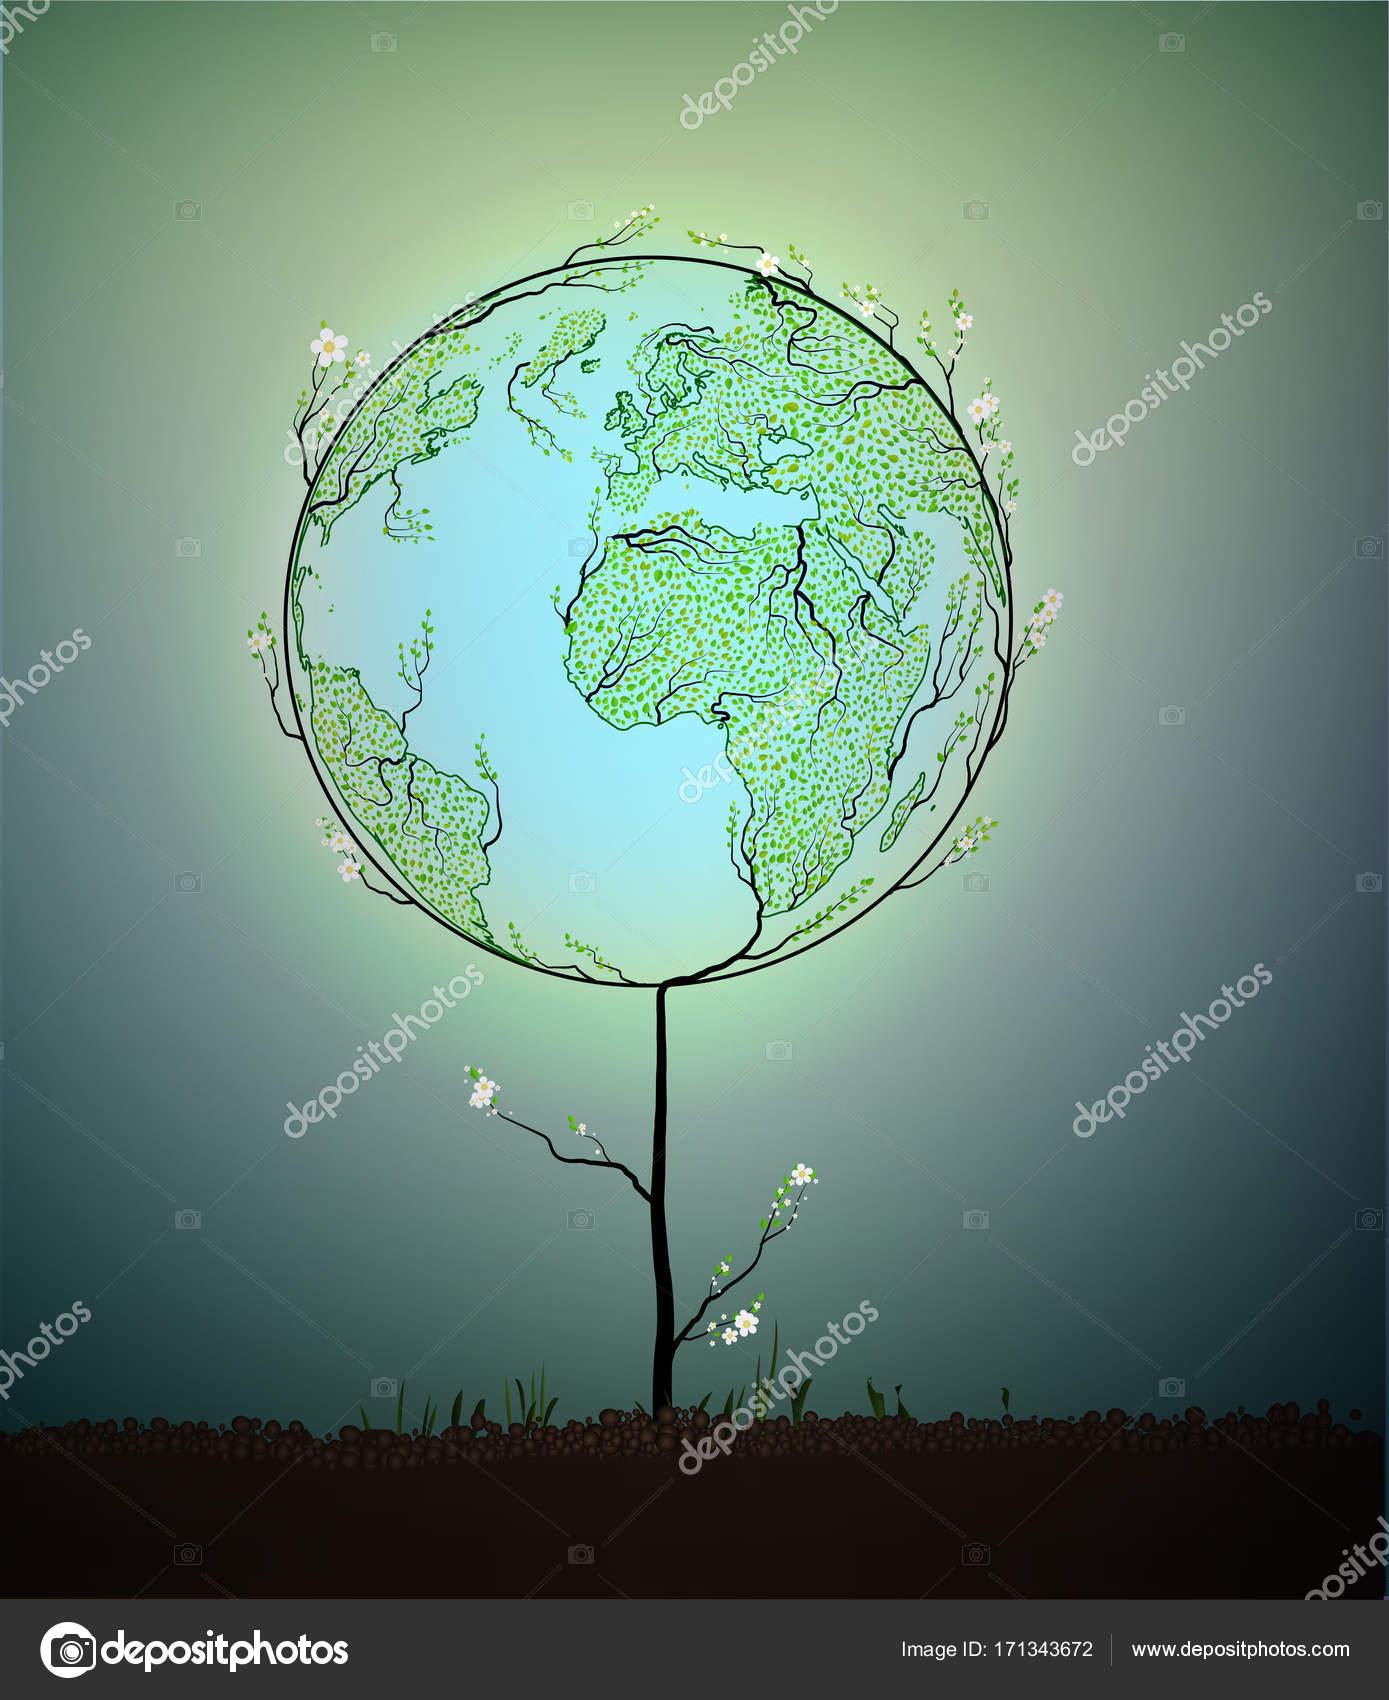 bolygó térkép Föld bolygó Térkép készült a levelek, és úgy néz ki, mint a